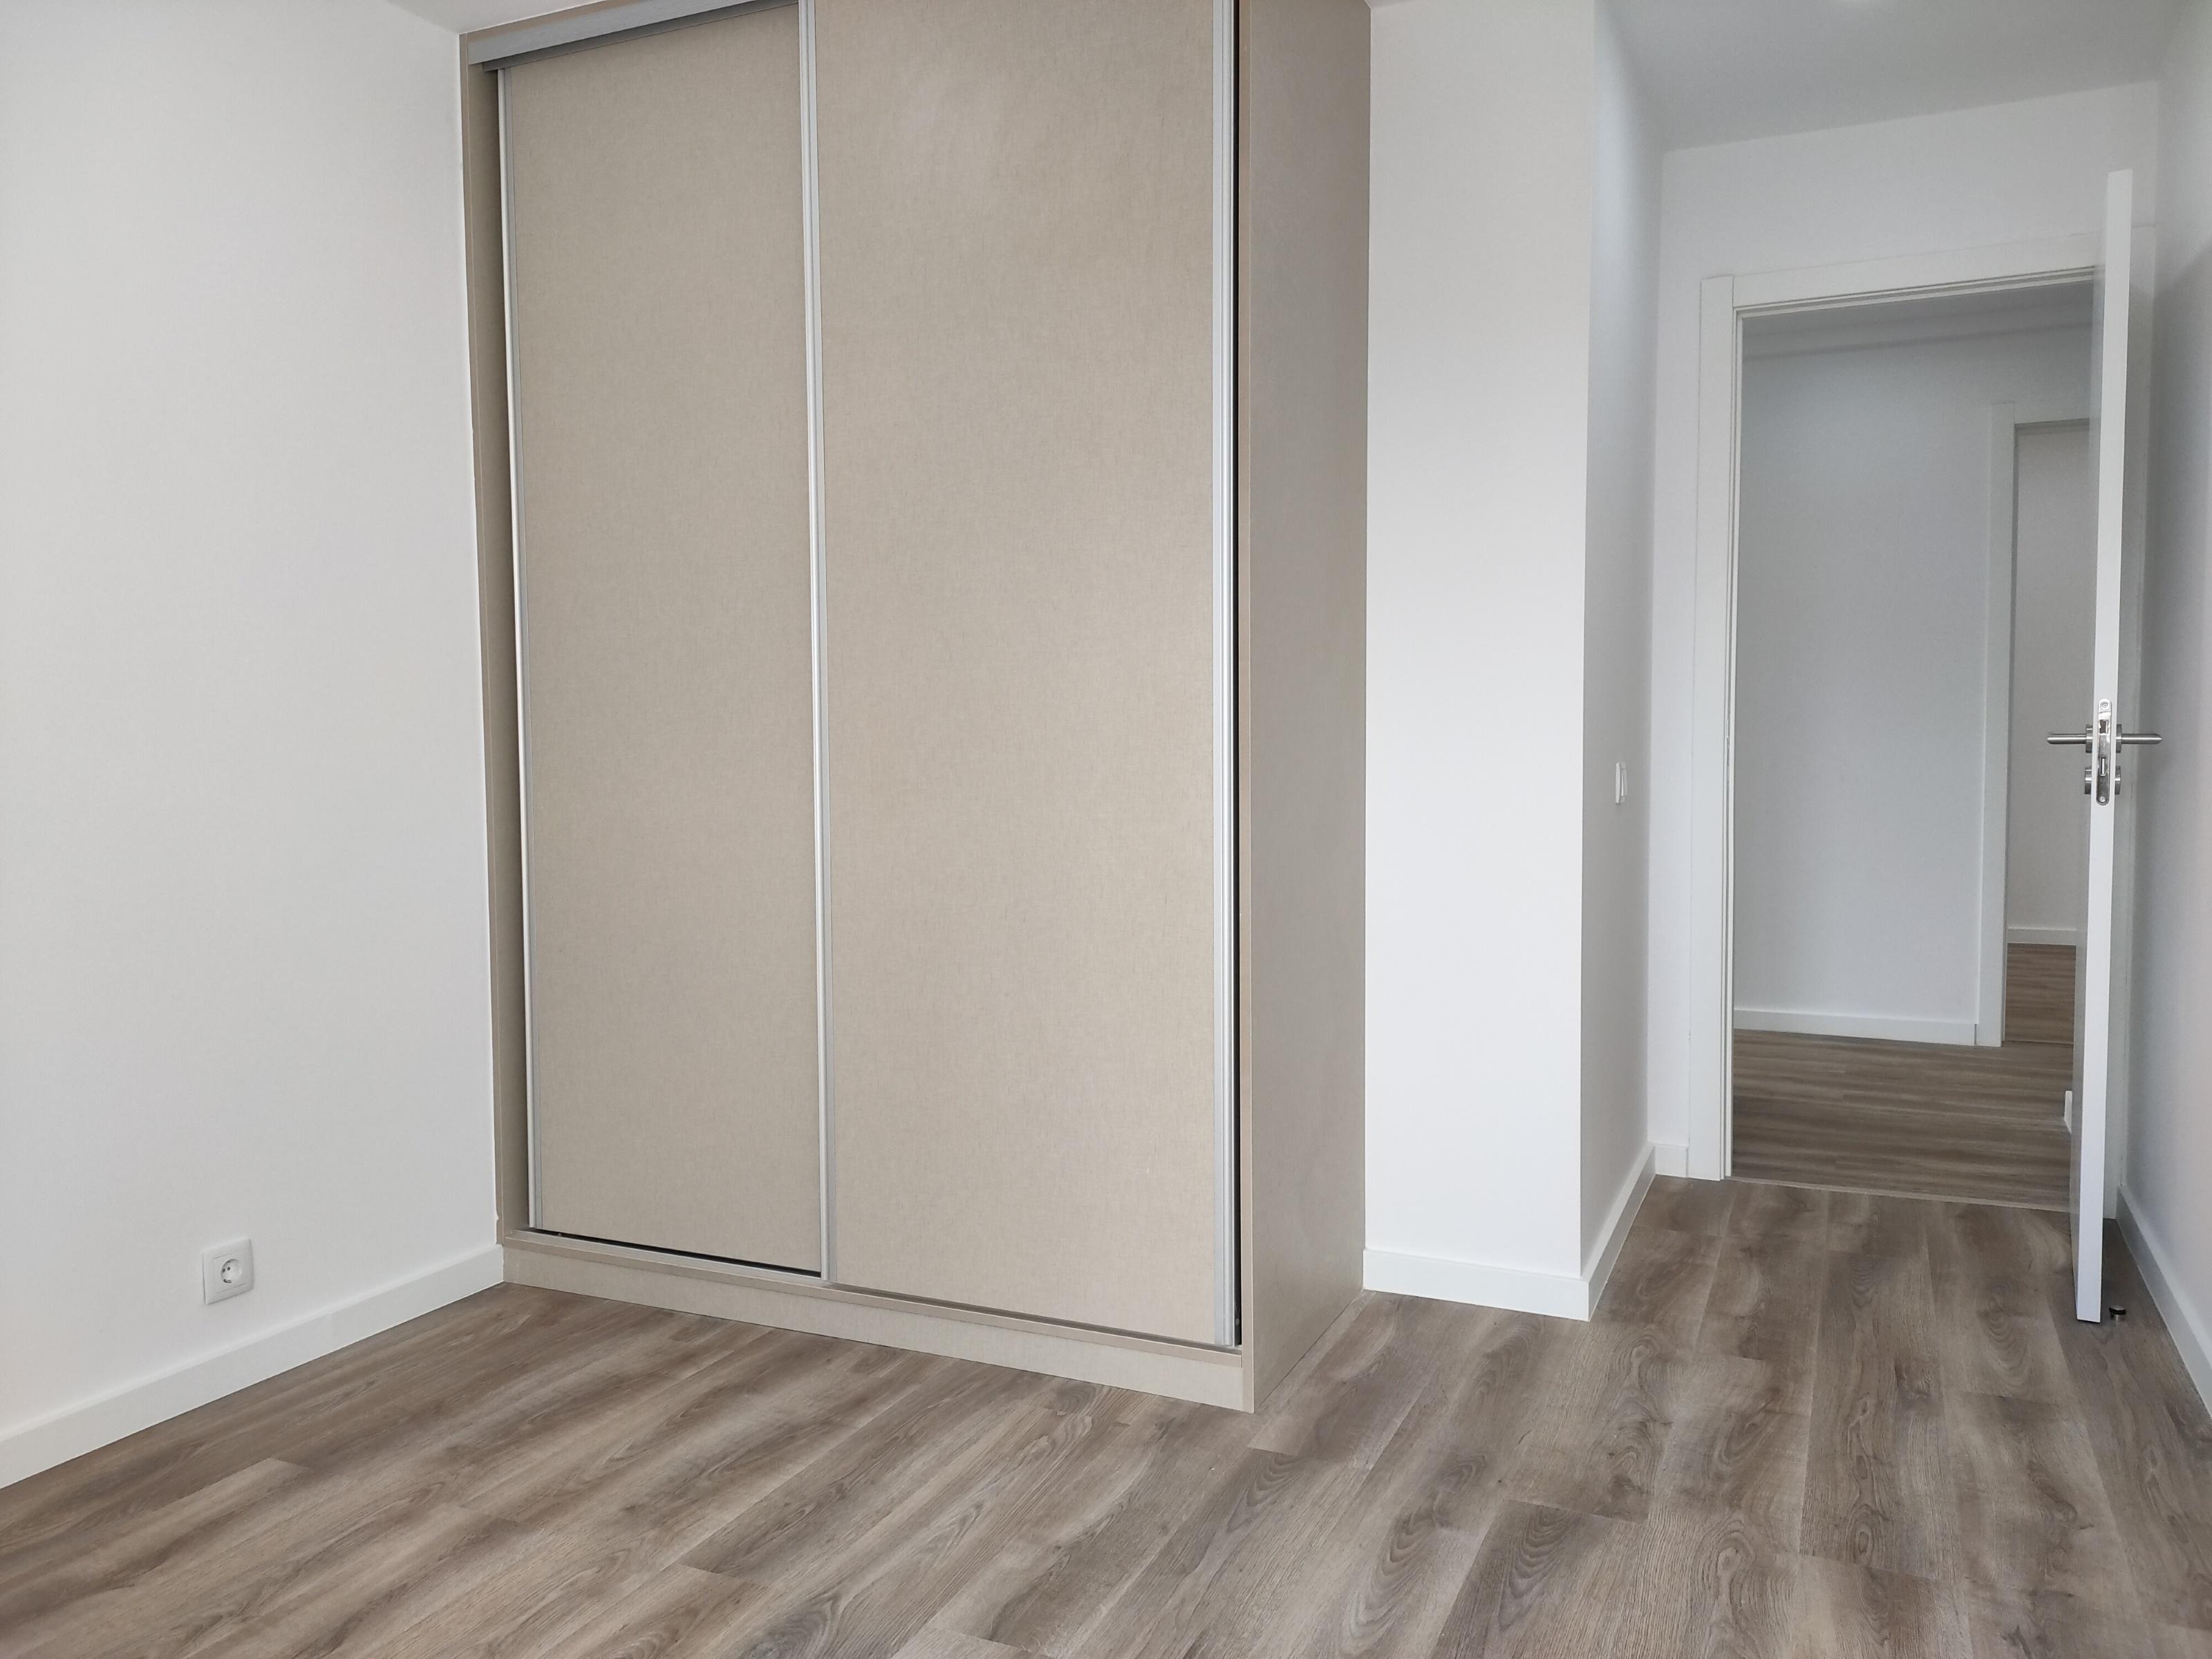 למכירה-דירת 2 חדרים, משופצת, מטרופולין ליסבון